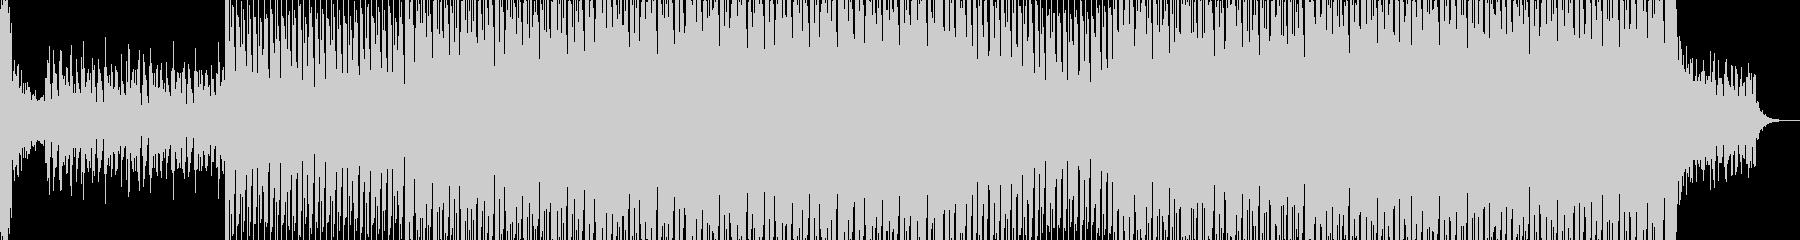 EDMクラブ系ダンスミュージック-119の未再生の波形